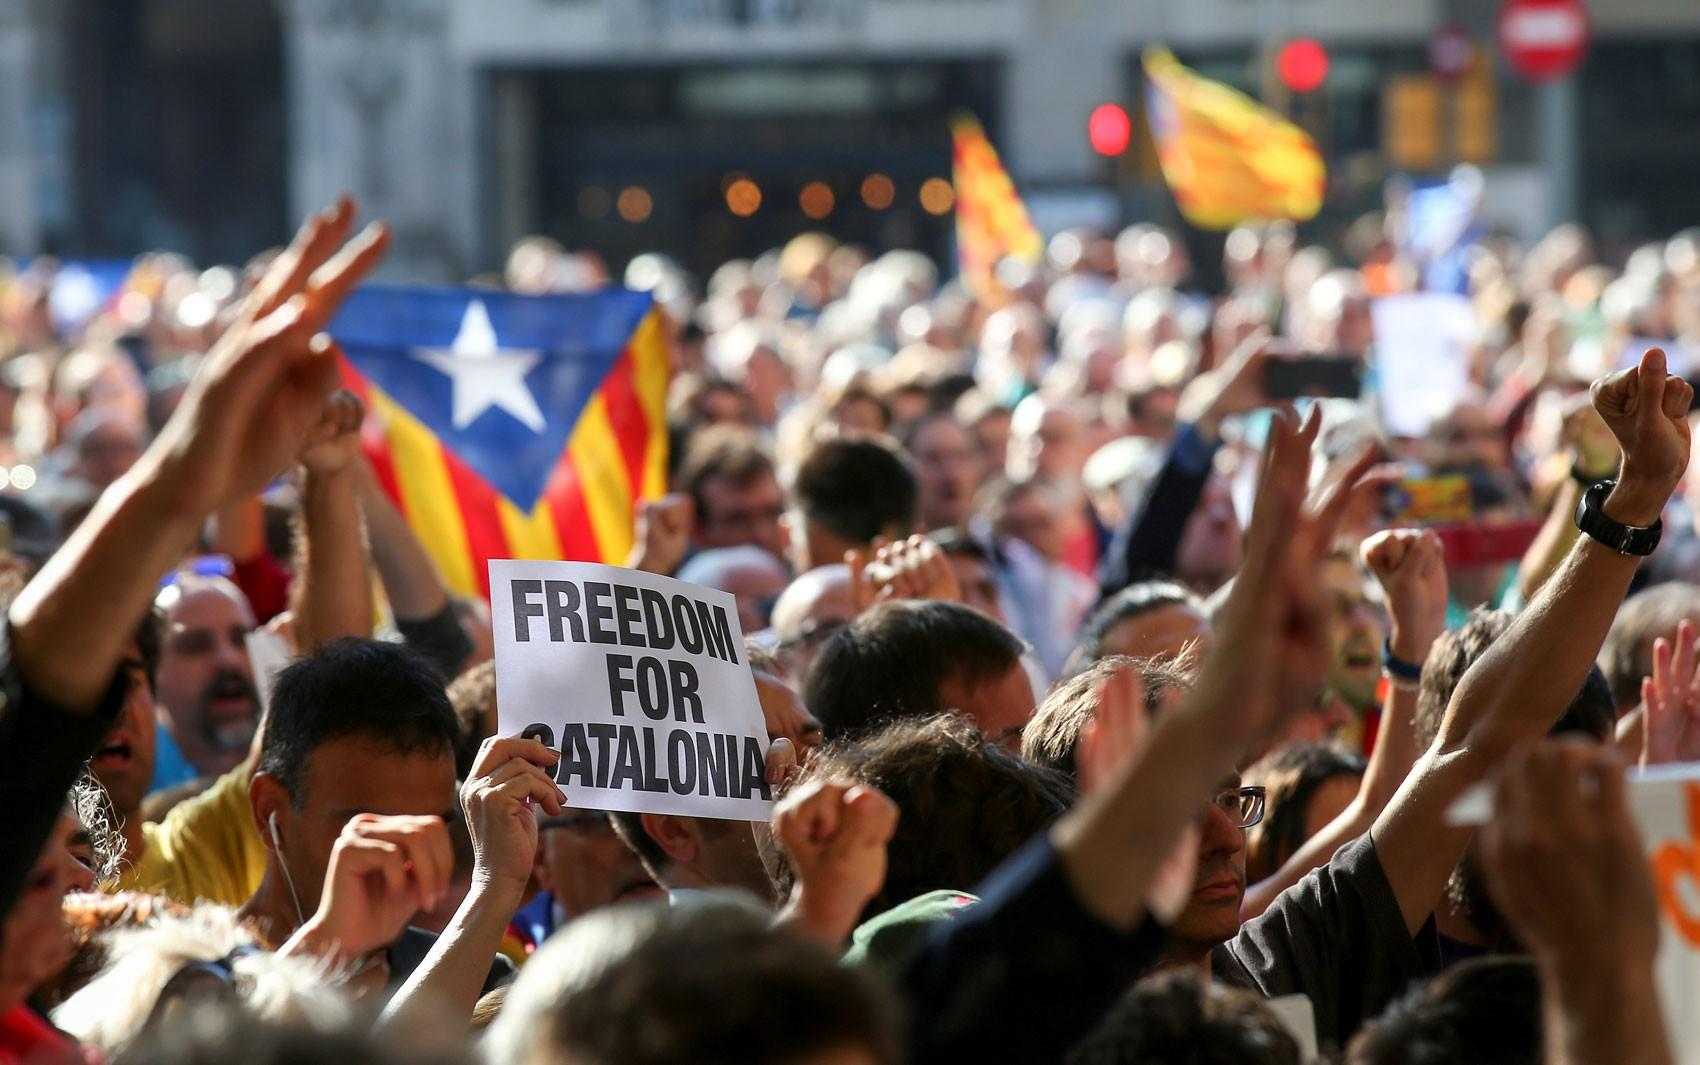 Com a aproximação do referendo pela independência, Espanha e Catalunha disputam controle da polícia local